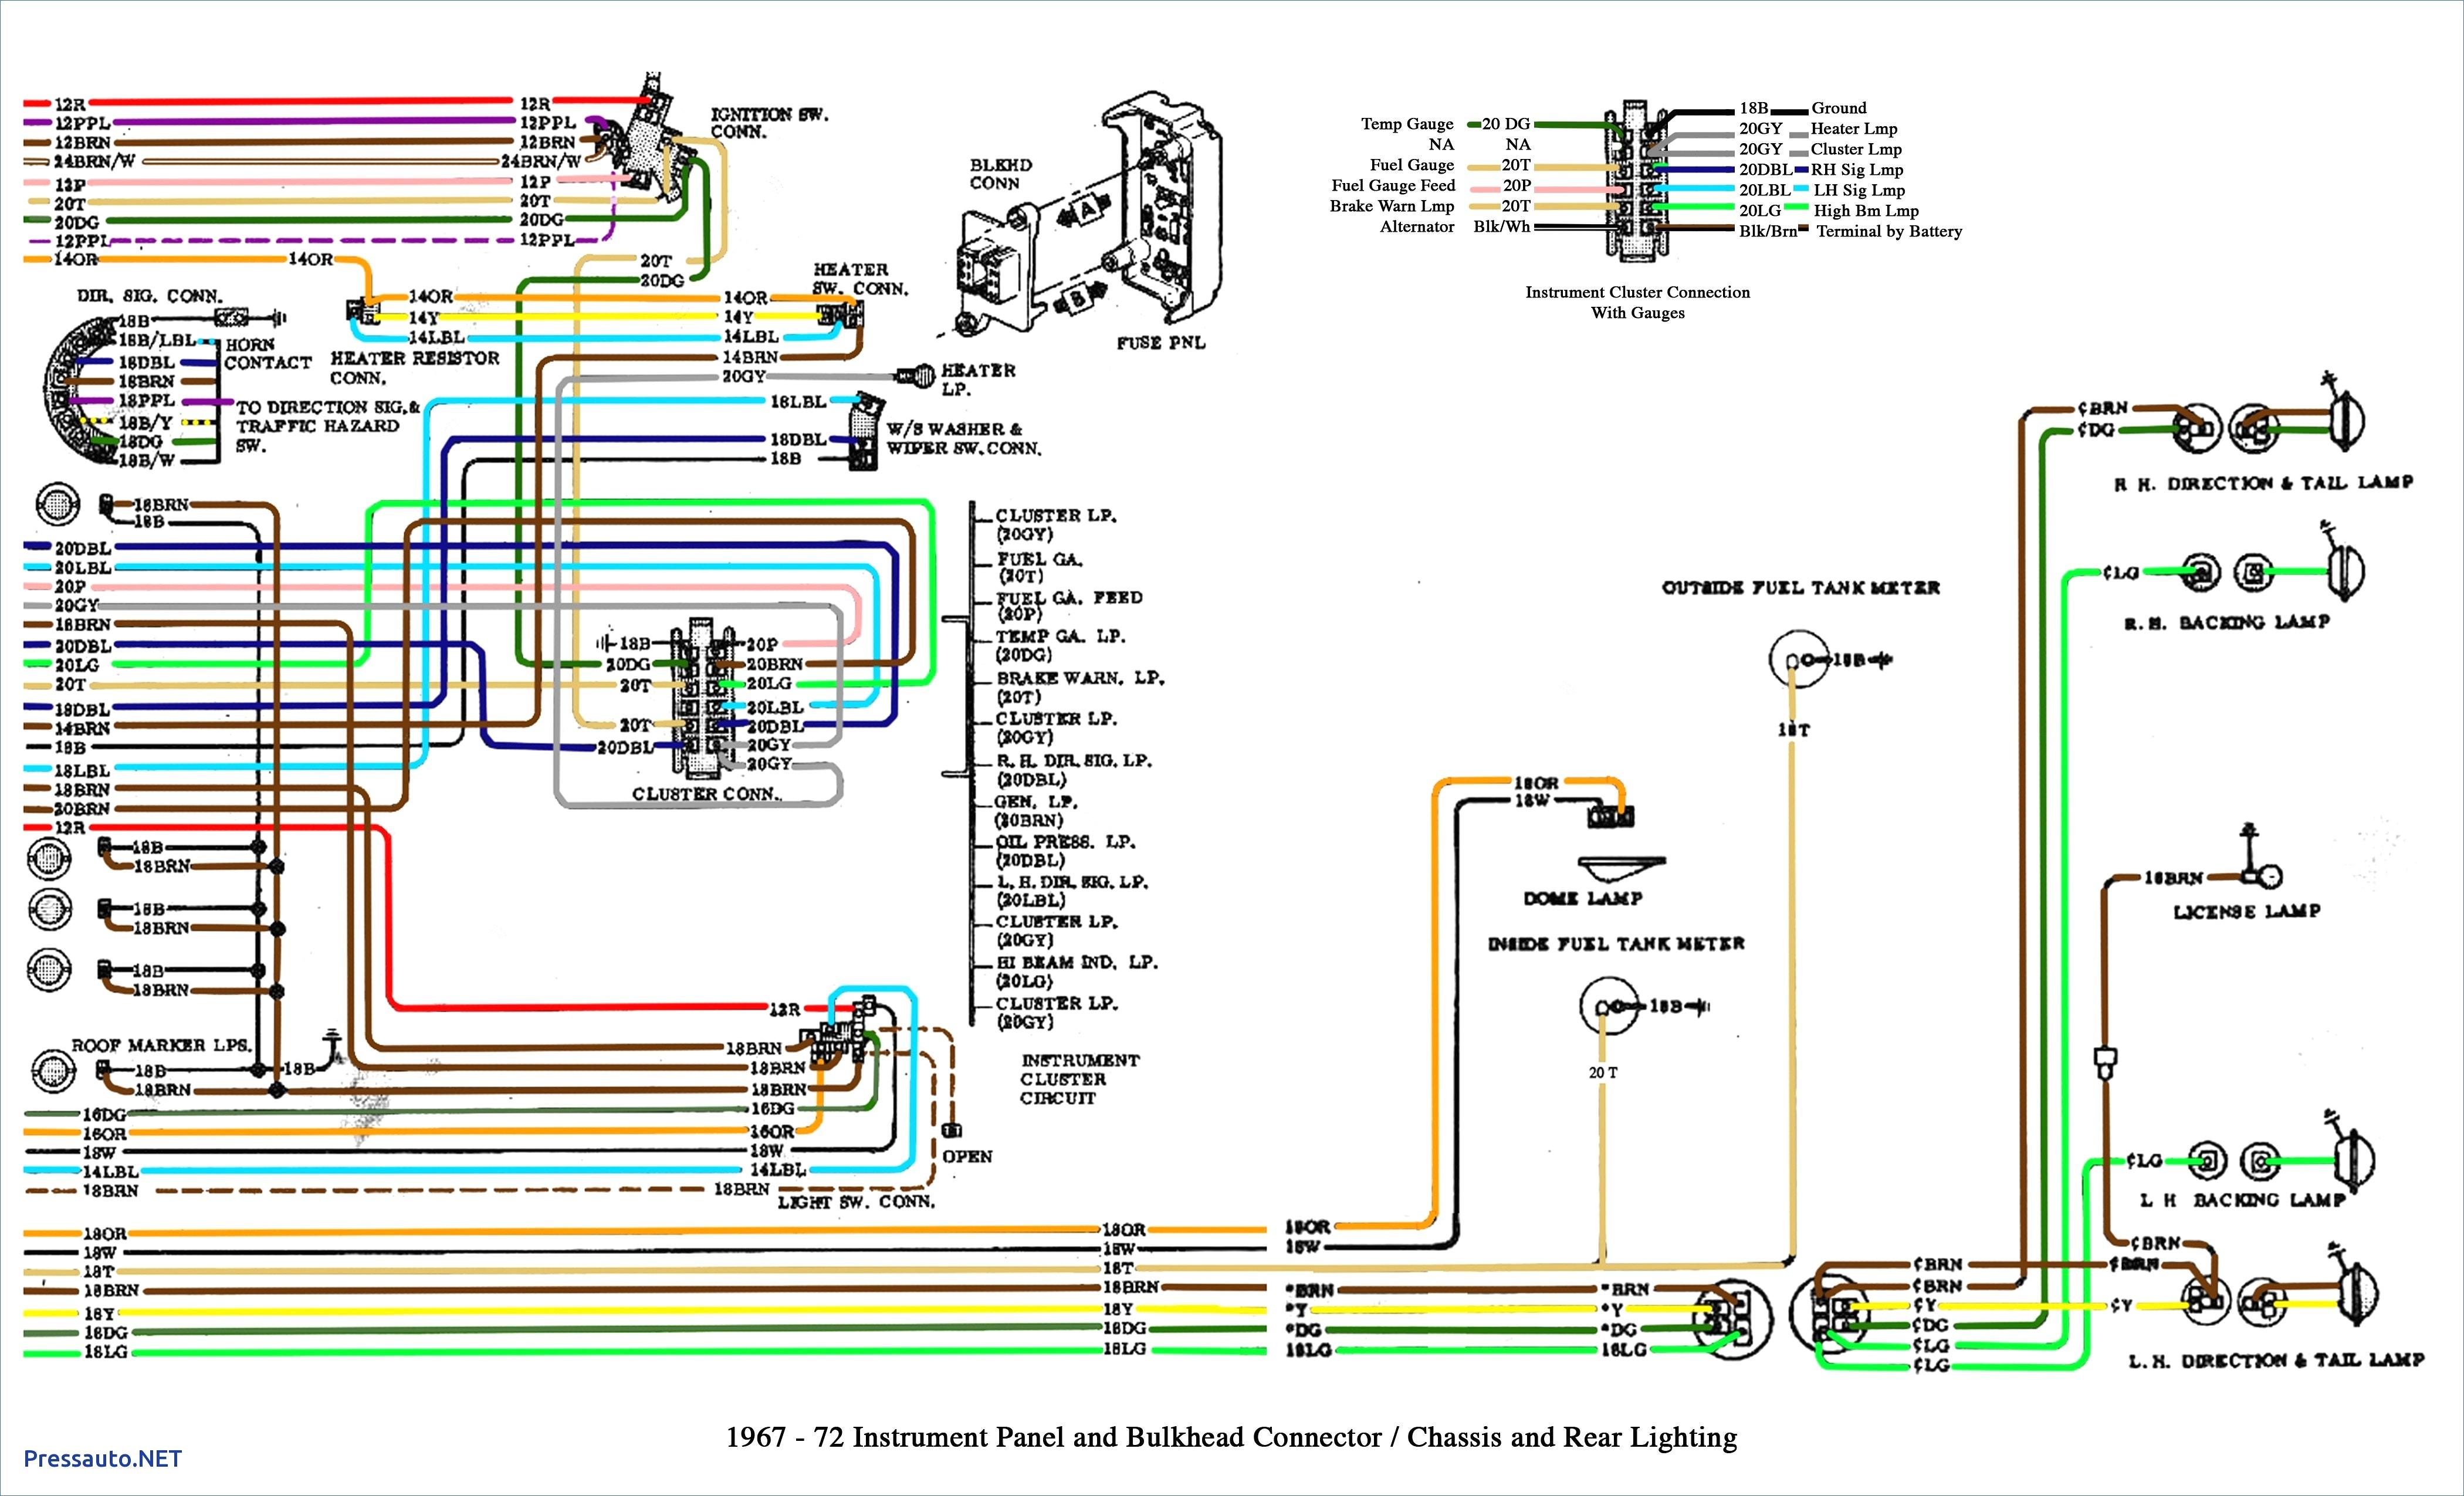 2000 Dodge Dakota Pcm Wiring Diagram 1998 Dodge Dakota Radio Wiring